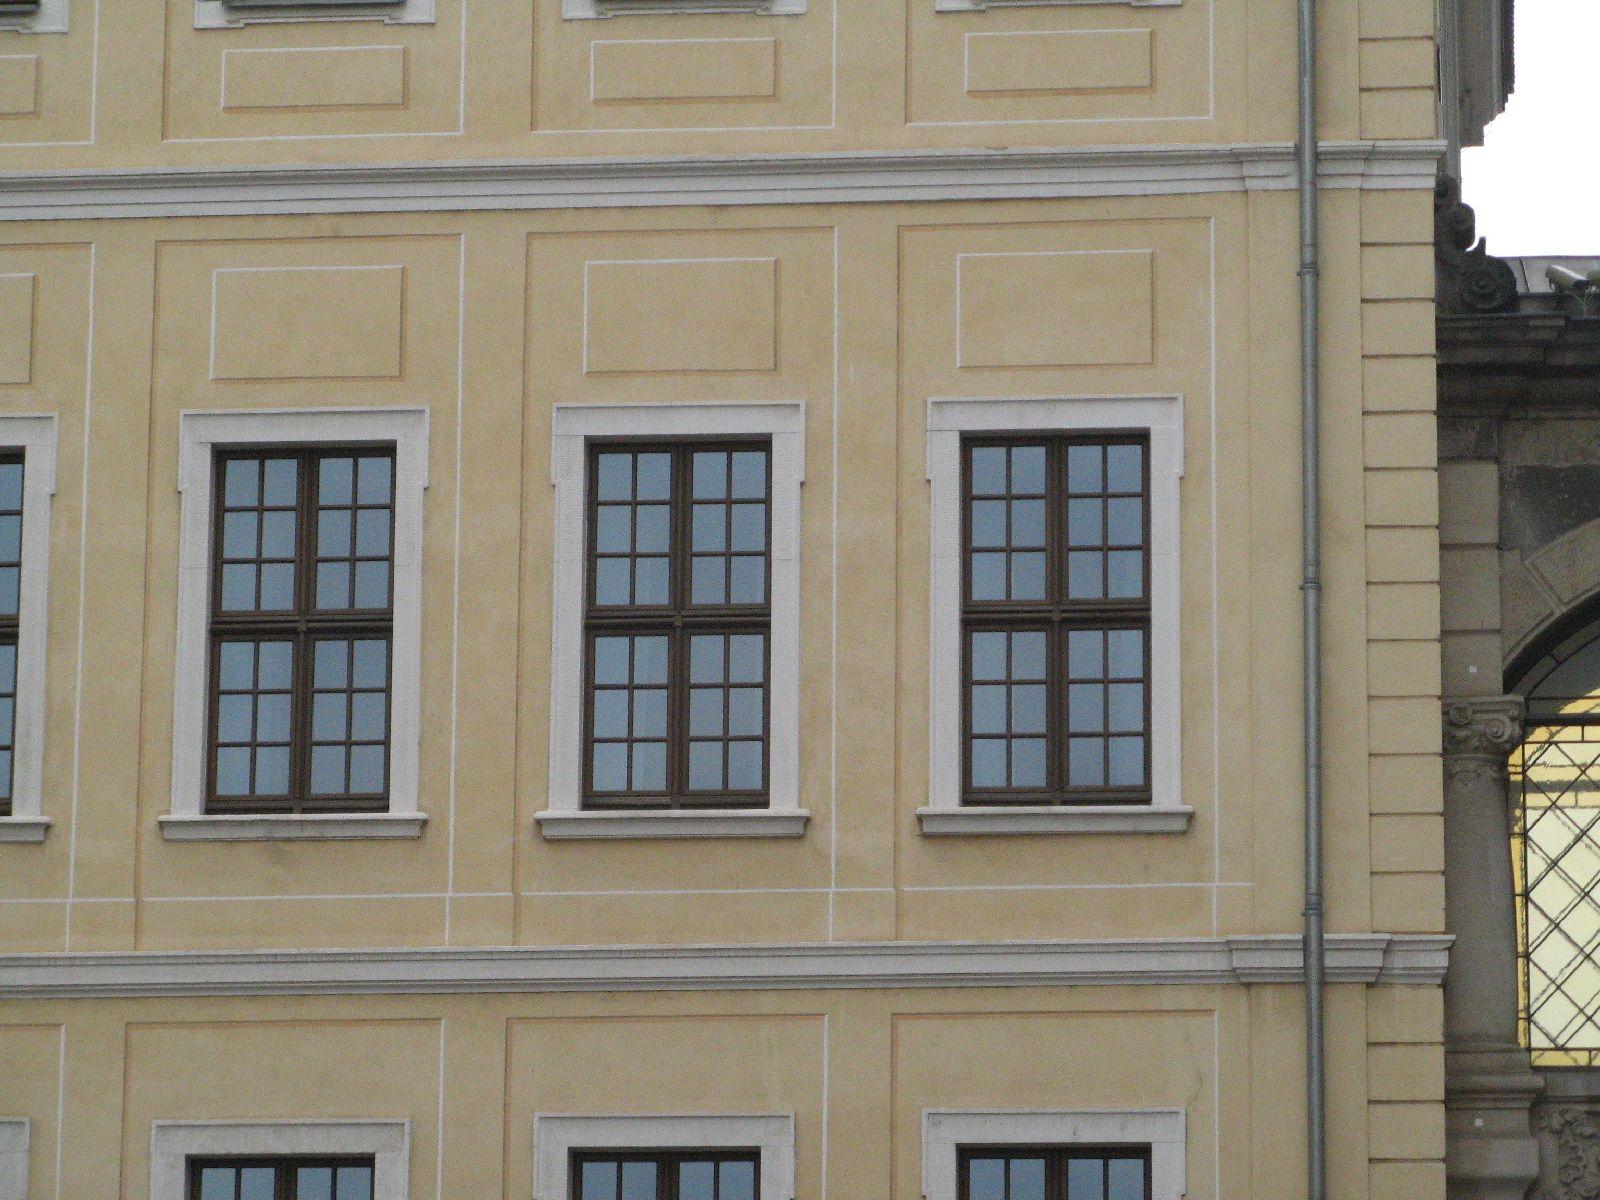 Gebaeude-Tueren-Fenster_Textur_B_3625